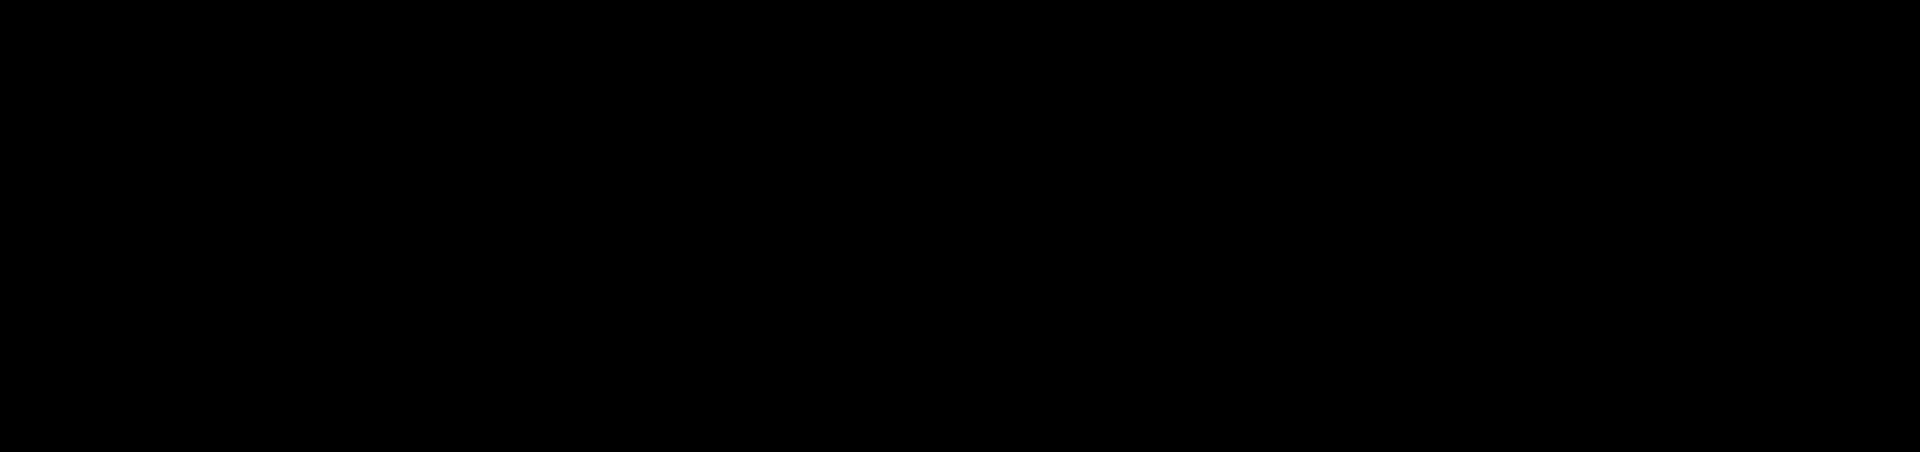 ea6c2c3689